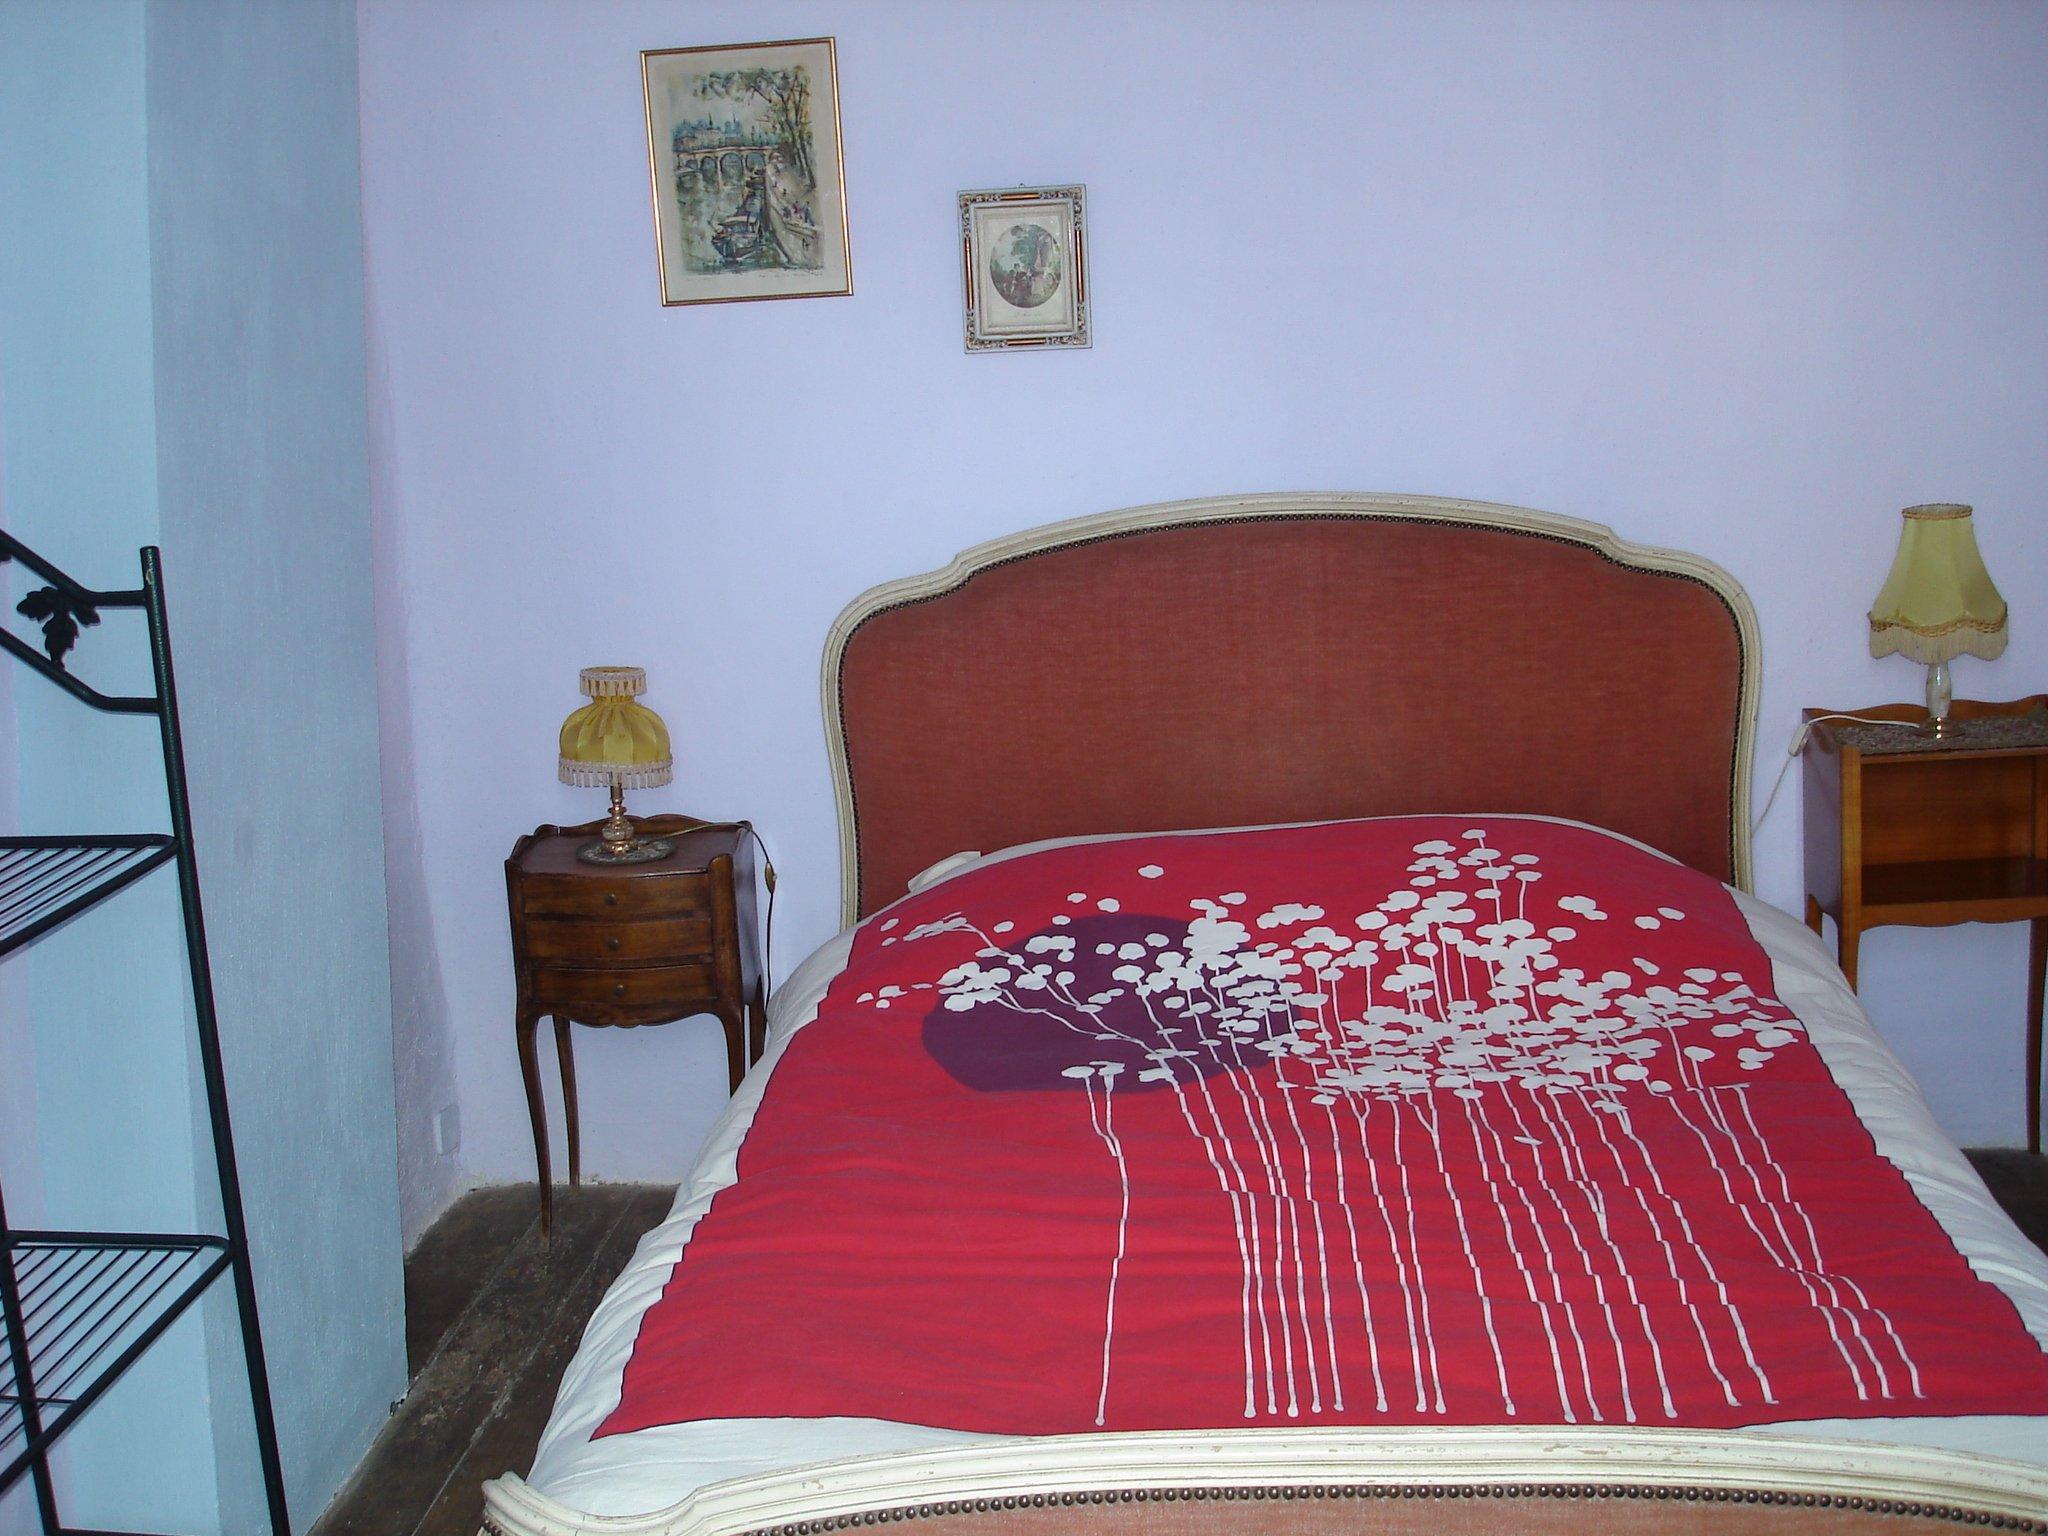 Palissy chambre 2 personnes situ e dans la tour depuis for Chambre sociale 13 janvier 2009